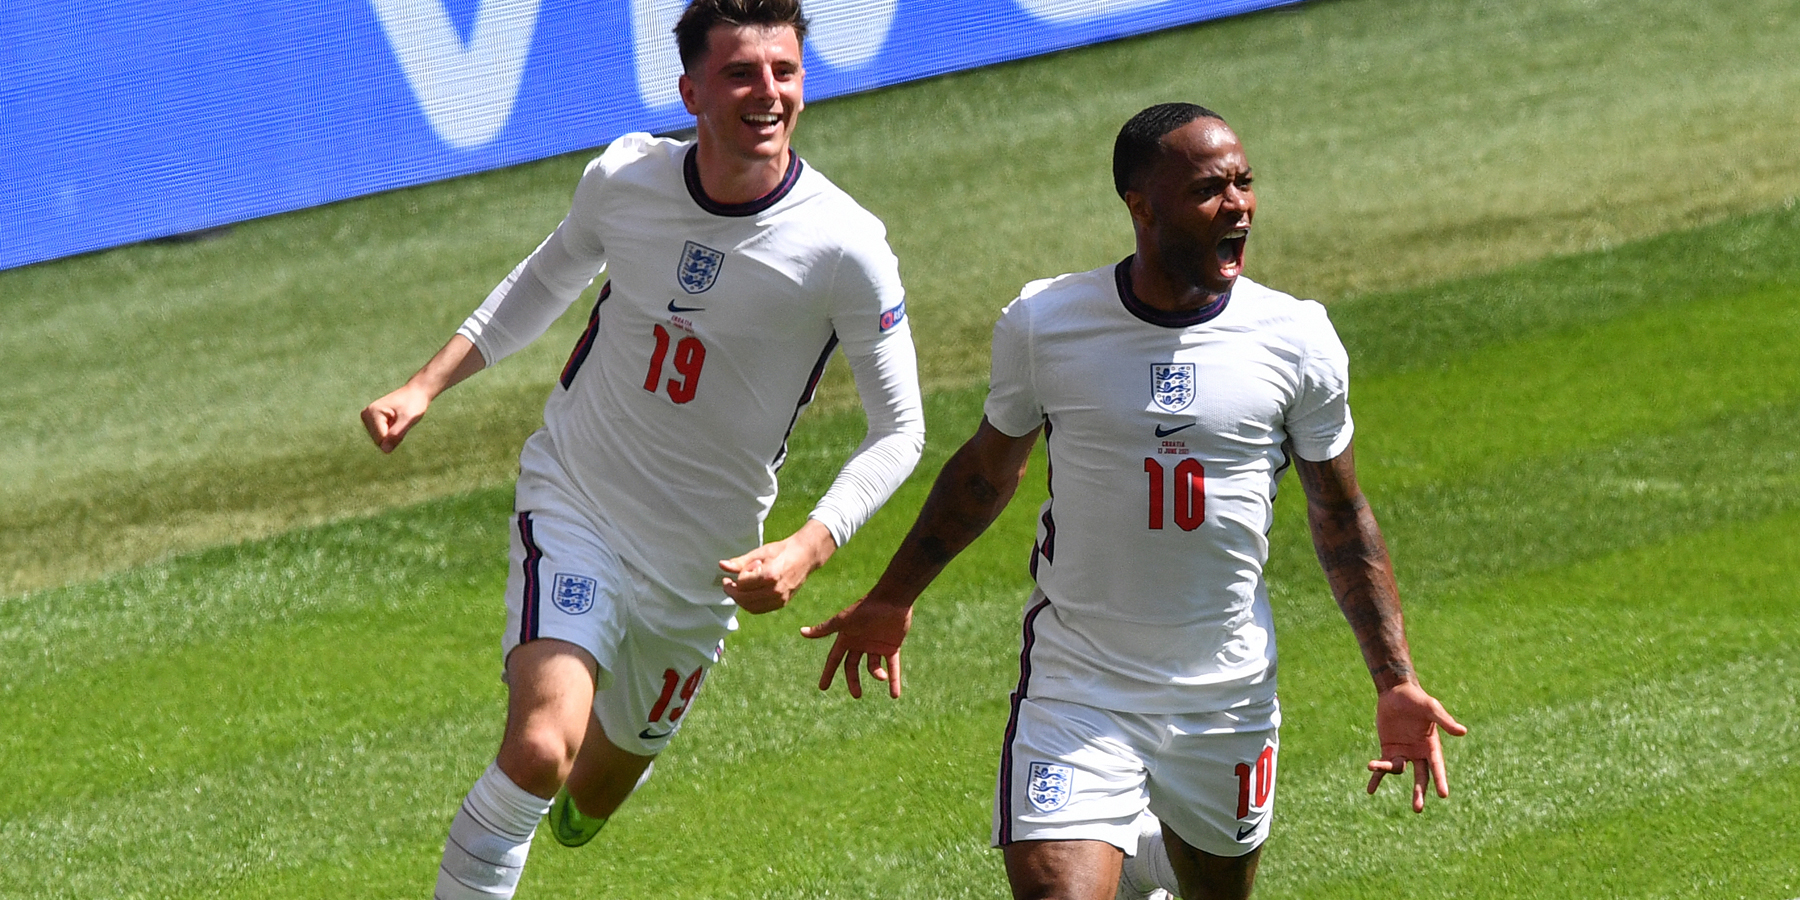 อังกฤษ v โครเอเชีย ผลบอลสด ผลบอล ยูโร 2020